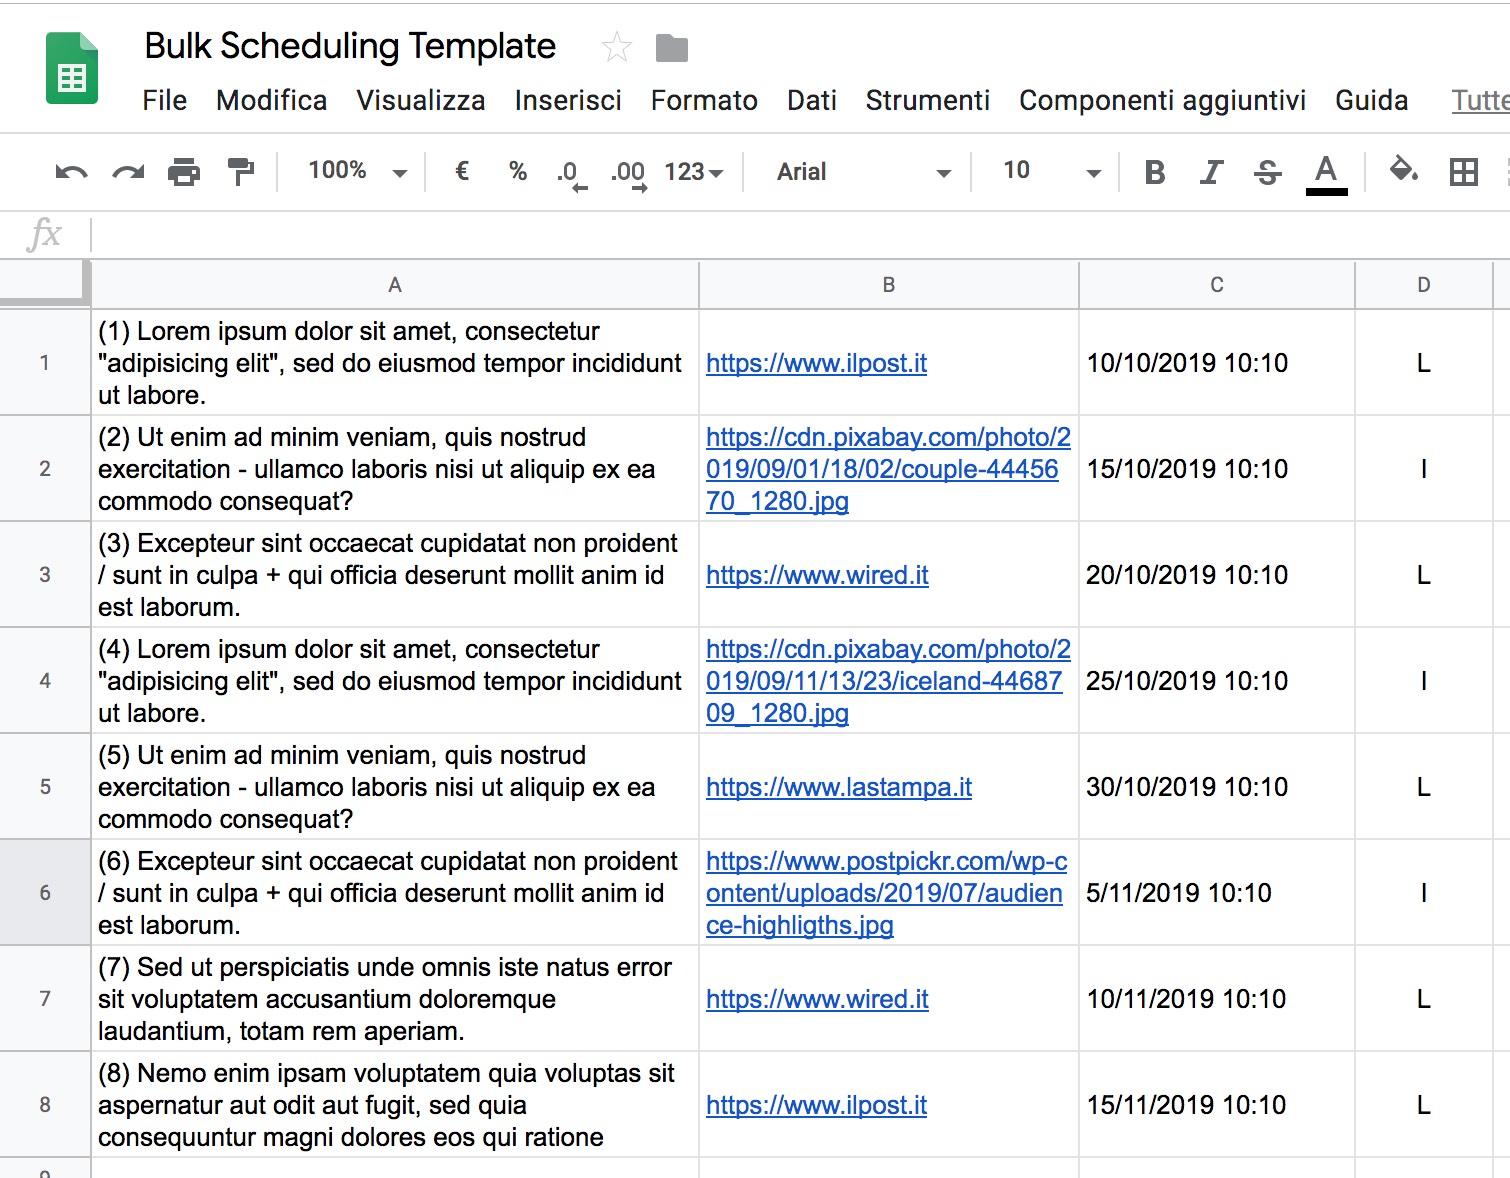 template per il bulk scheduling